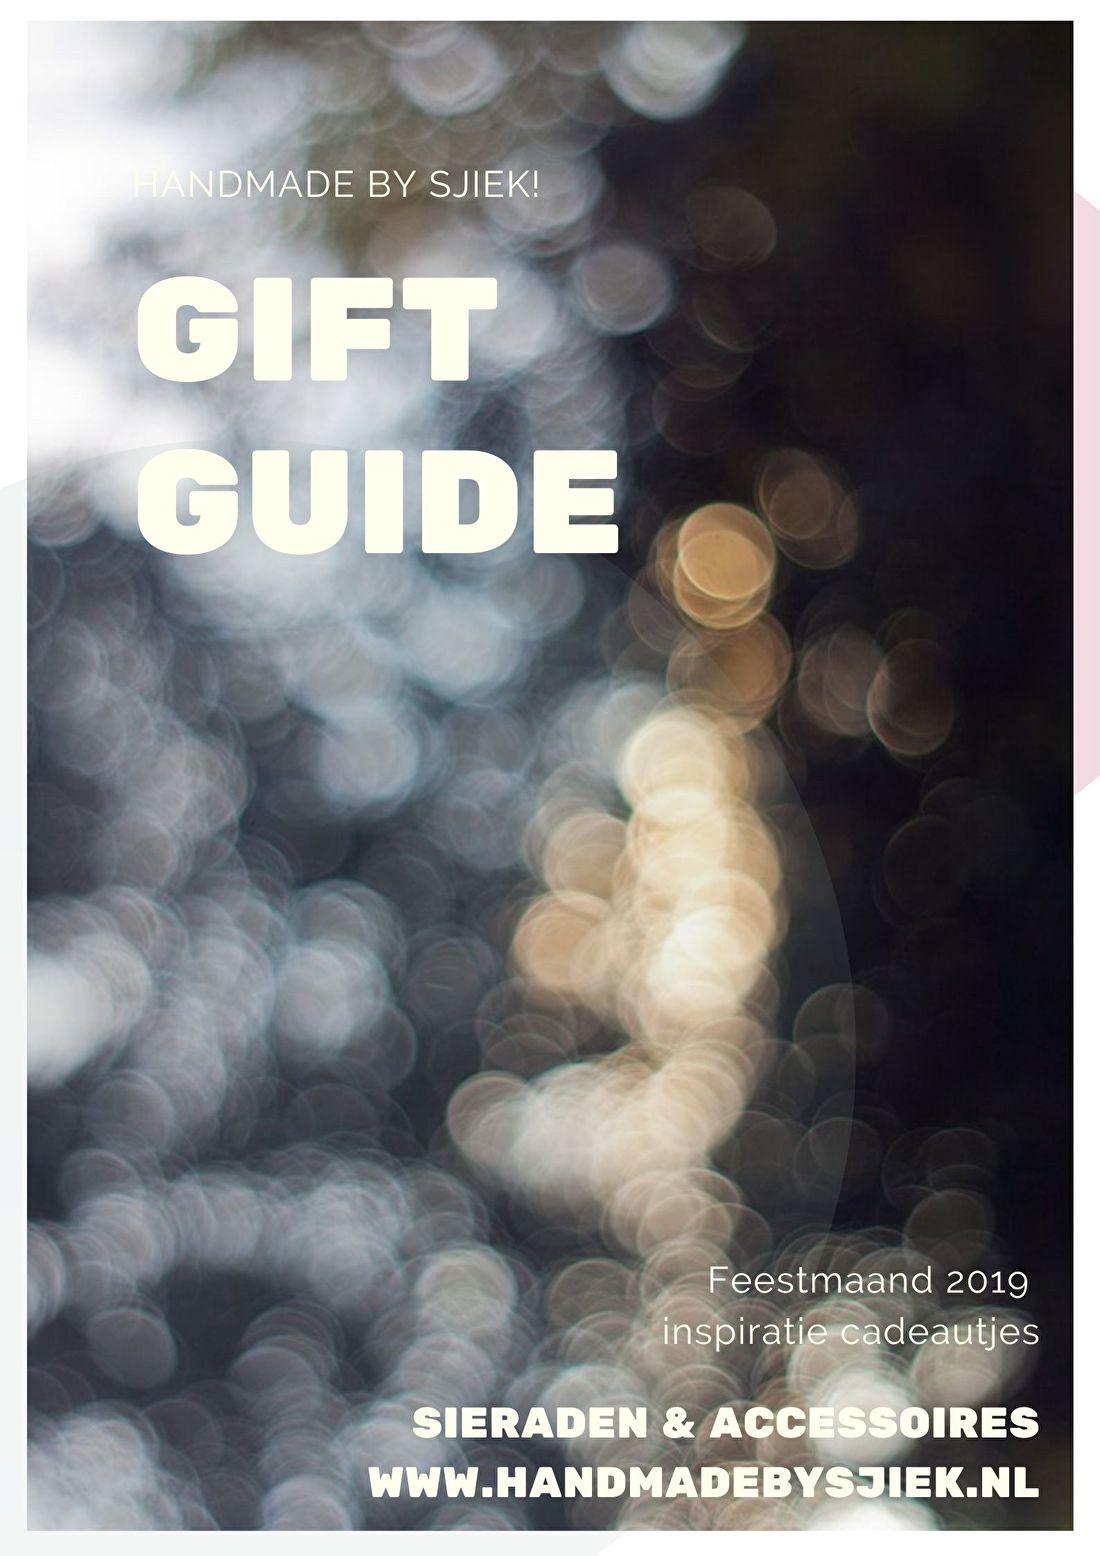 Gift Guide Feestdagen Handmade by Sjiek